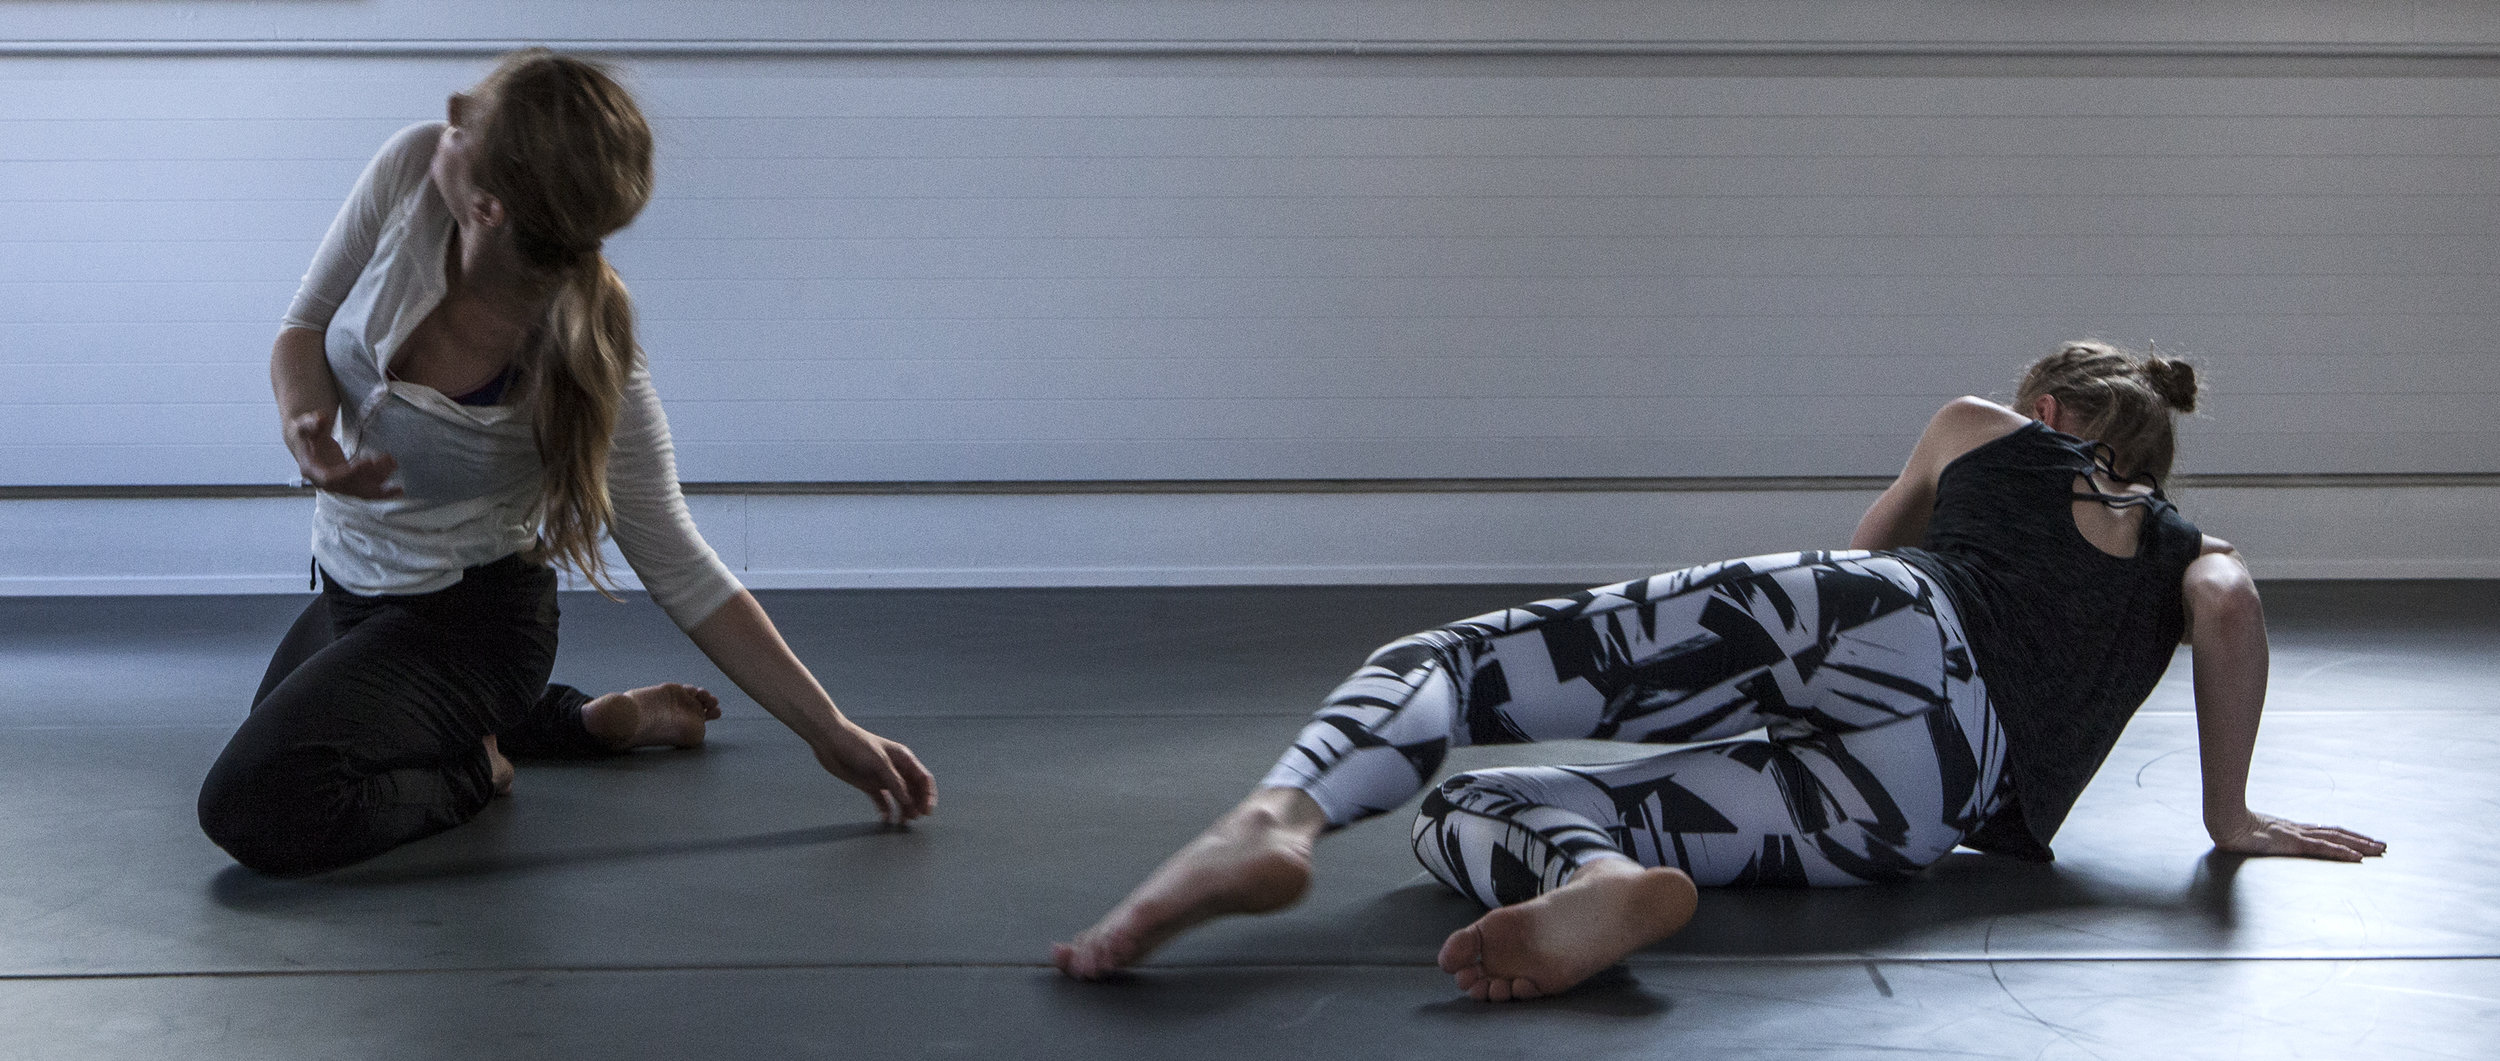 Susurrus, with choreographer Renae Shadler (AU), Dansometré (Vevey), 2017. Photo by Clovis Paul.